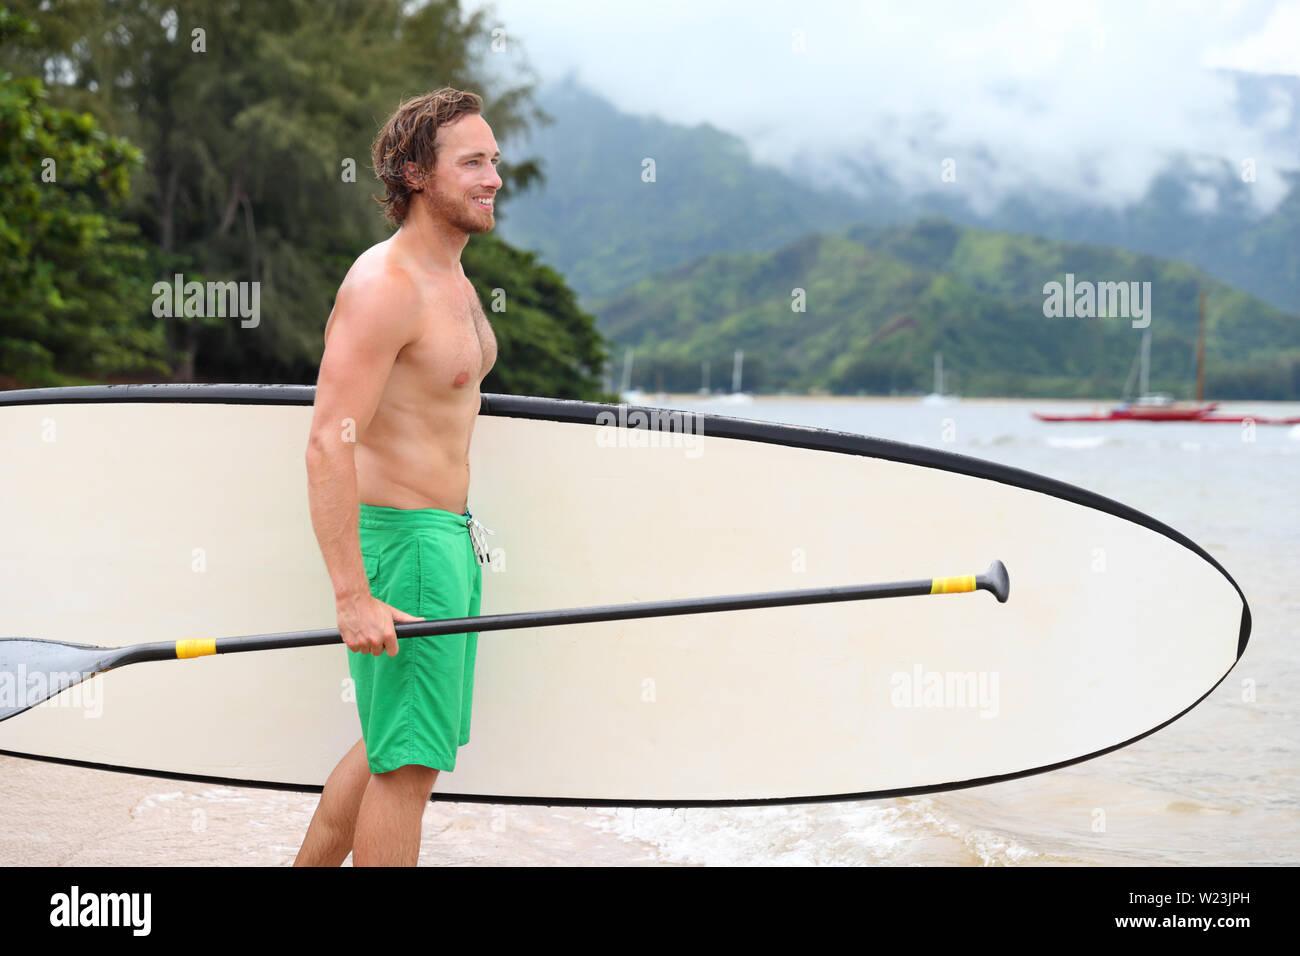 Stand Up Paddle board beach uomo facendo paddleboard andando paddleboarding nelle Hawaii. Giovani caucasici atleta maschio sulla spiaggia hawaiana su Vacanze estive Vacanze viaggi. Immagini Stock